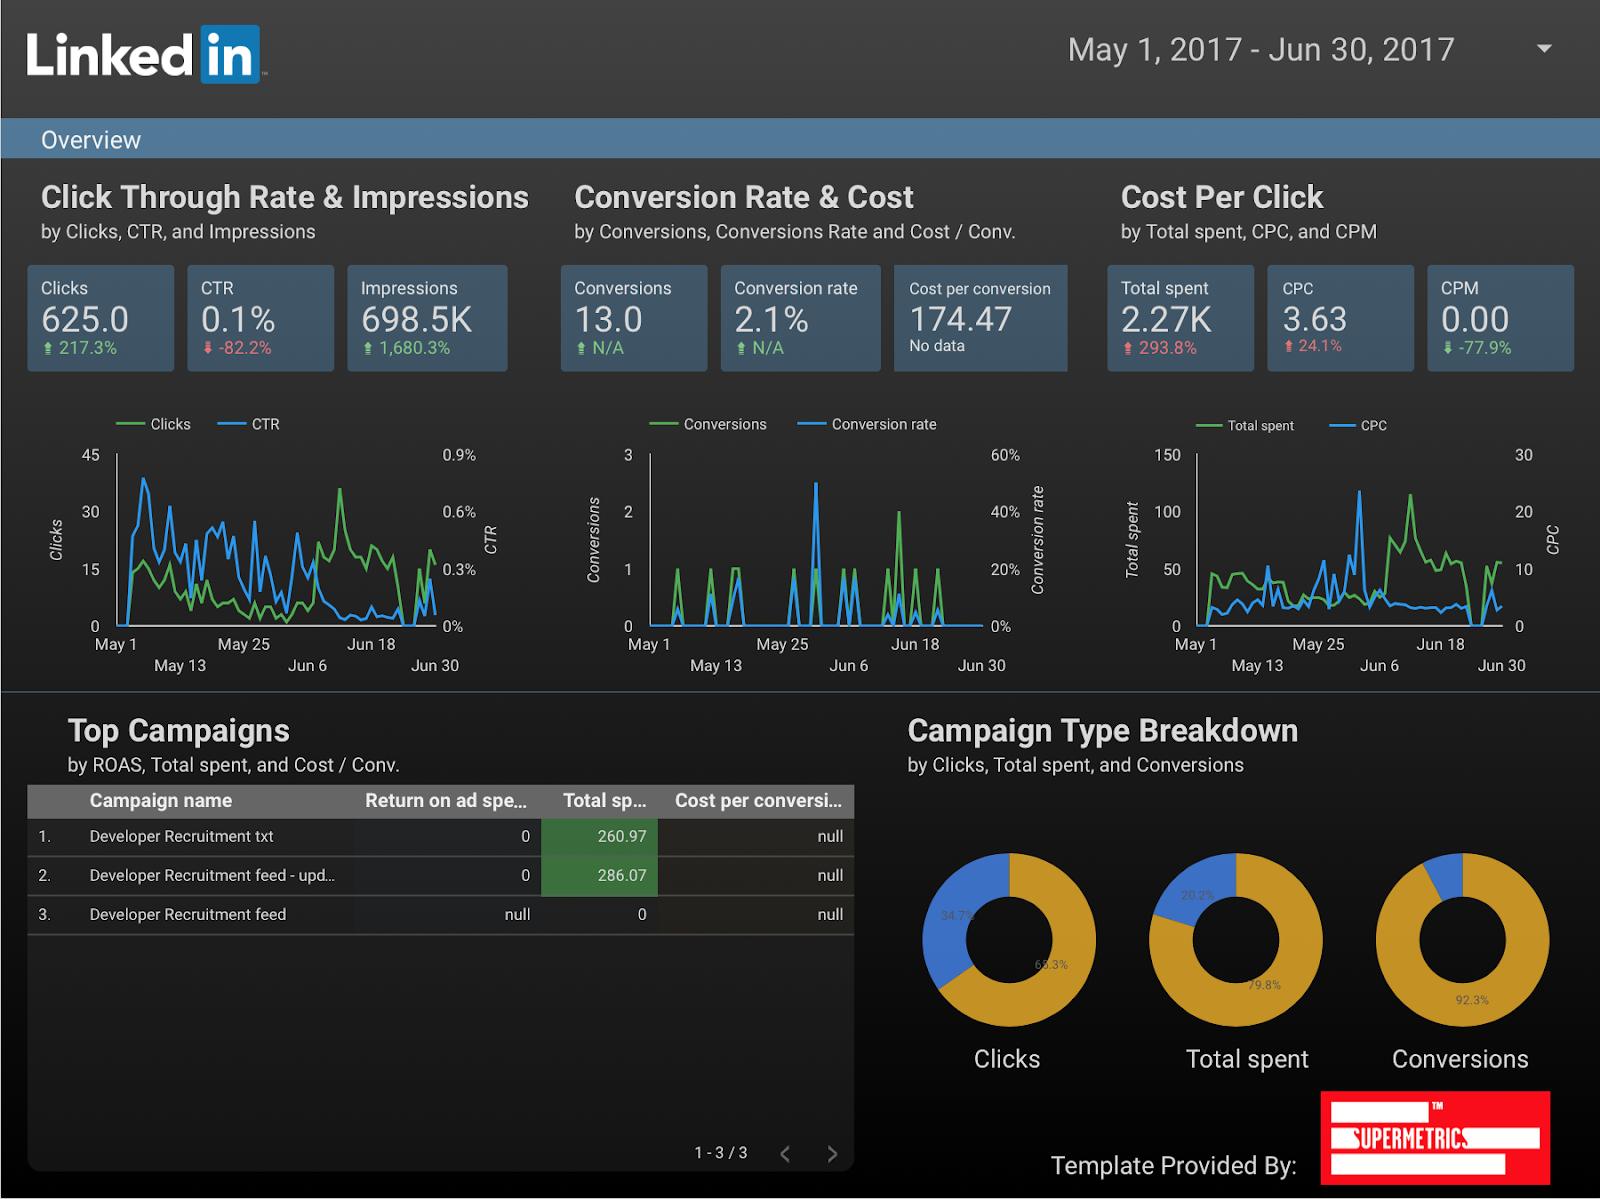 linkedin ads dashboard for google data studio